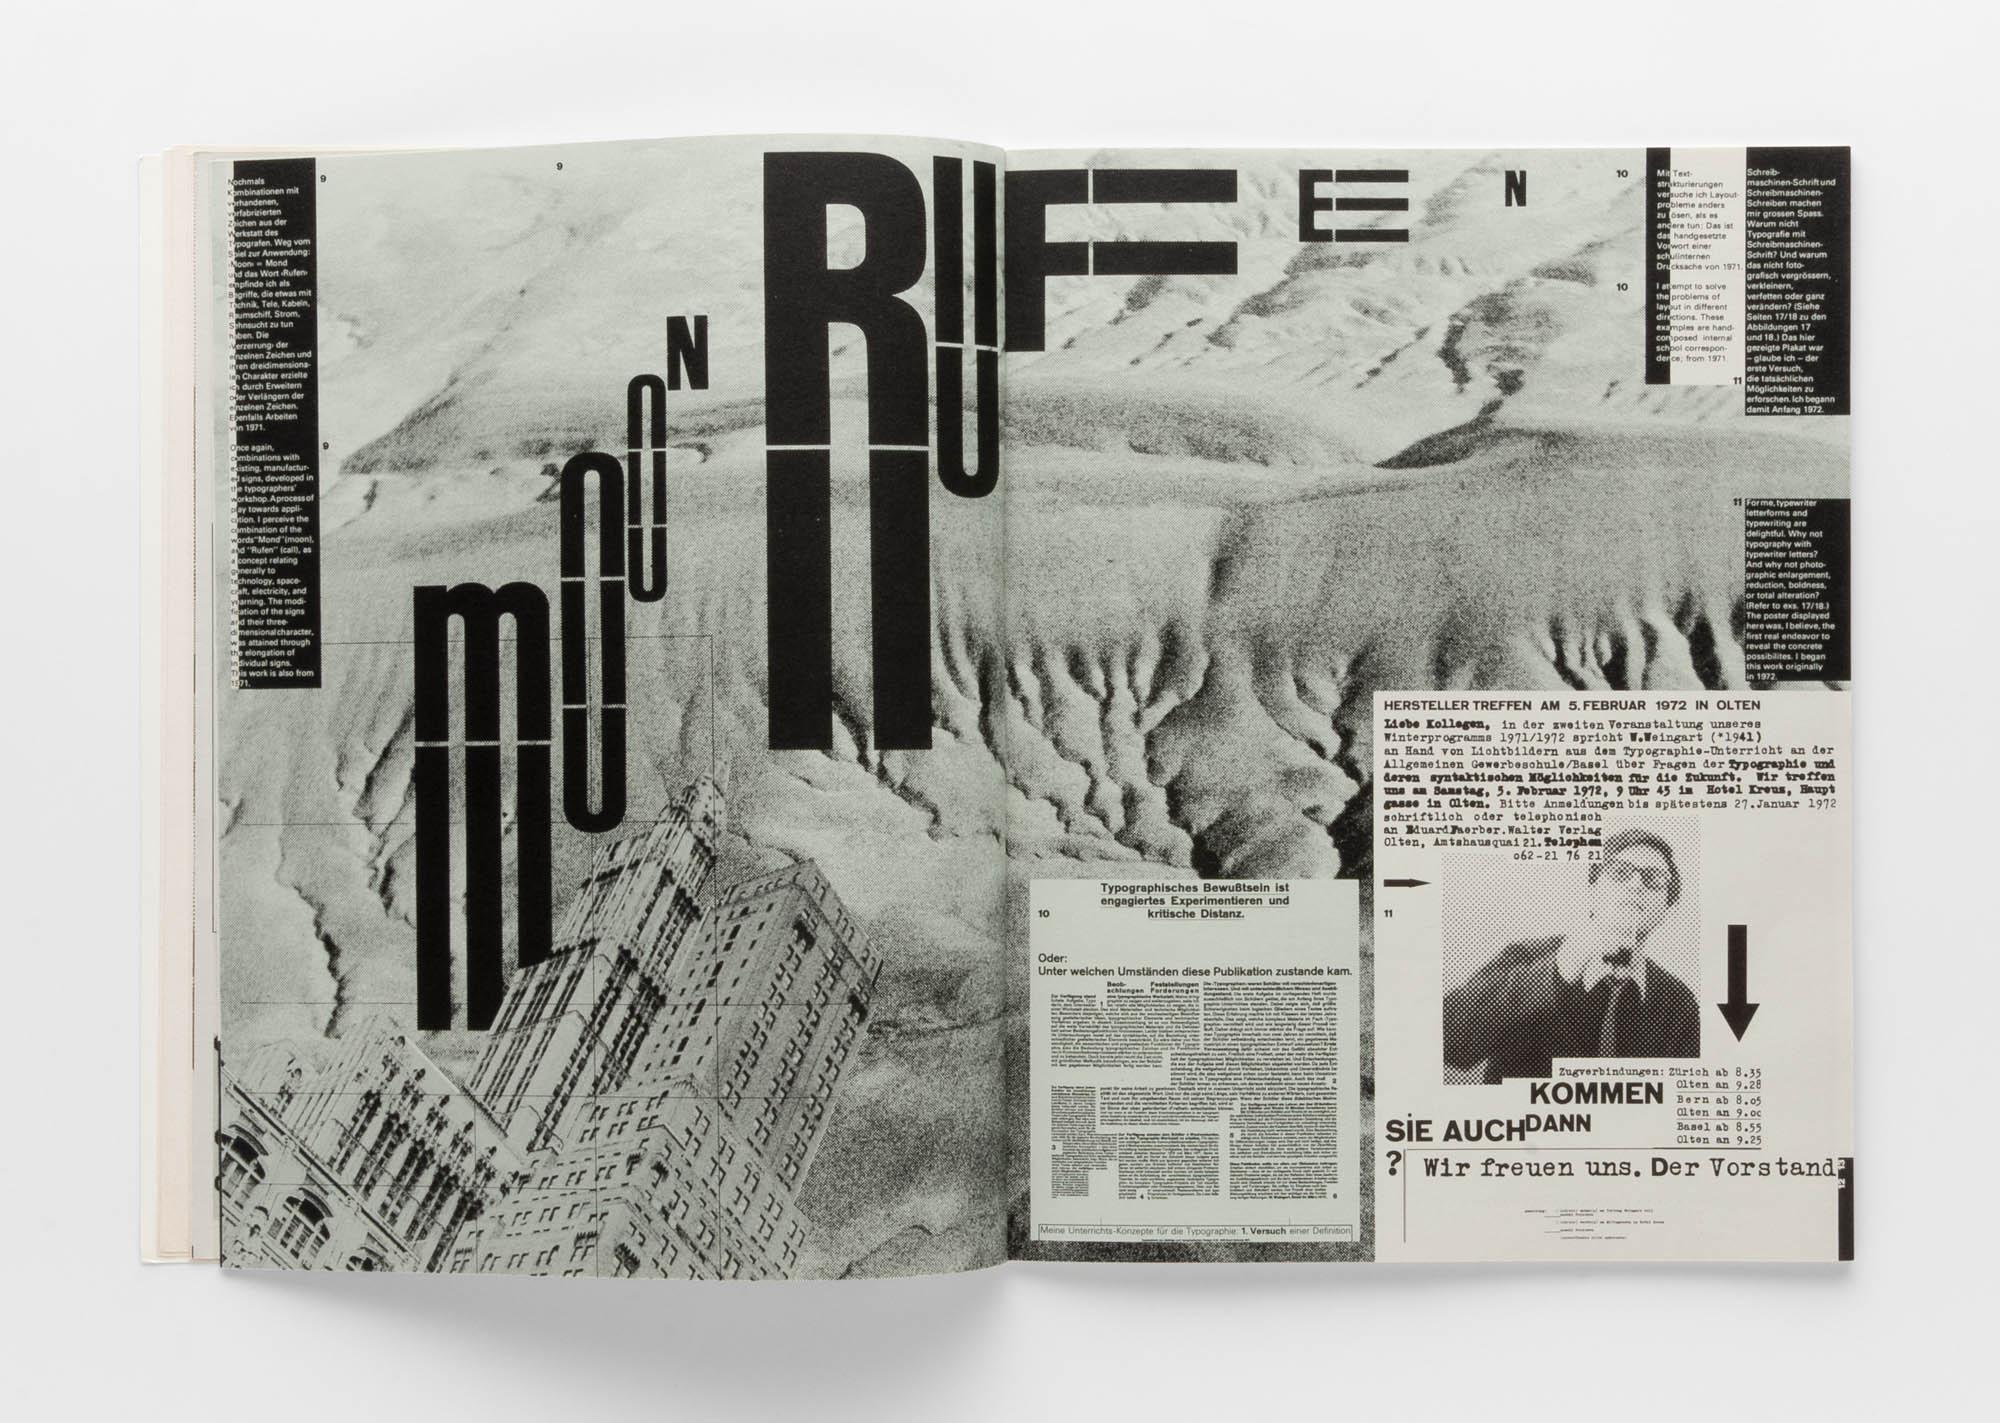 Moon Rufen Wolfgang Weingart Artists' book